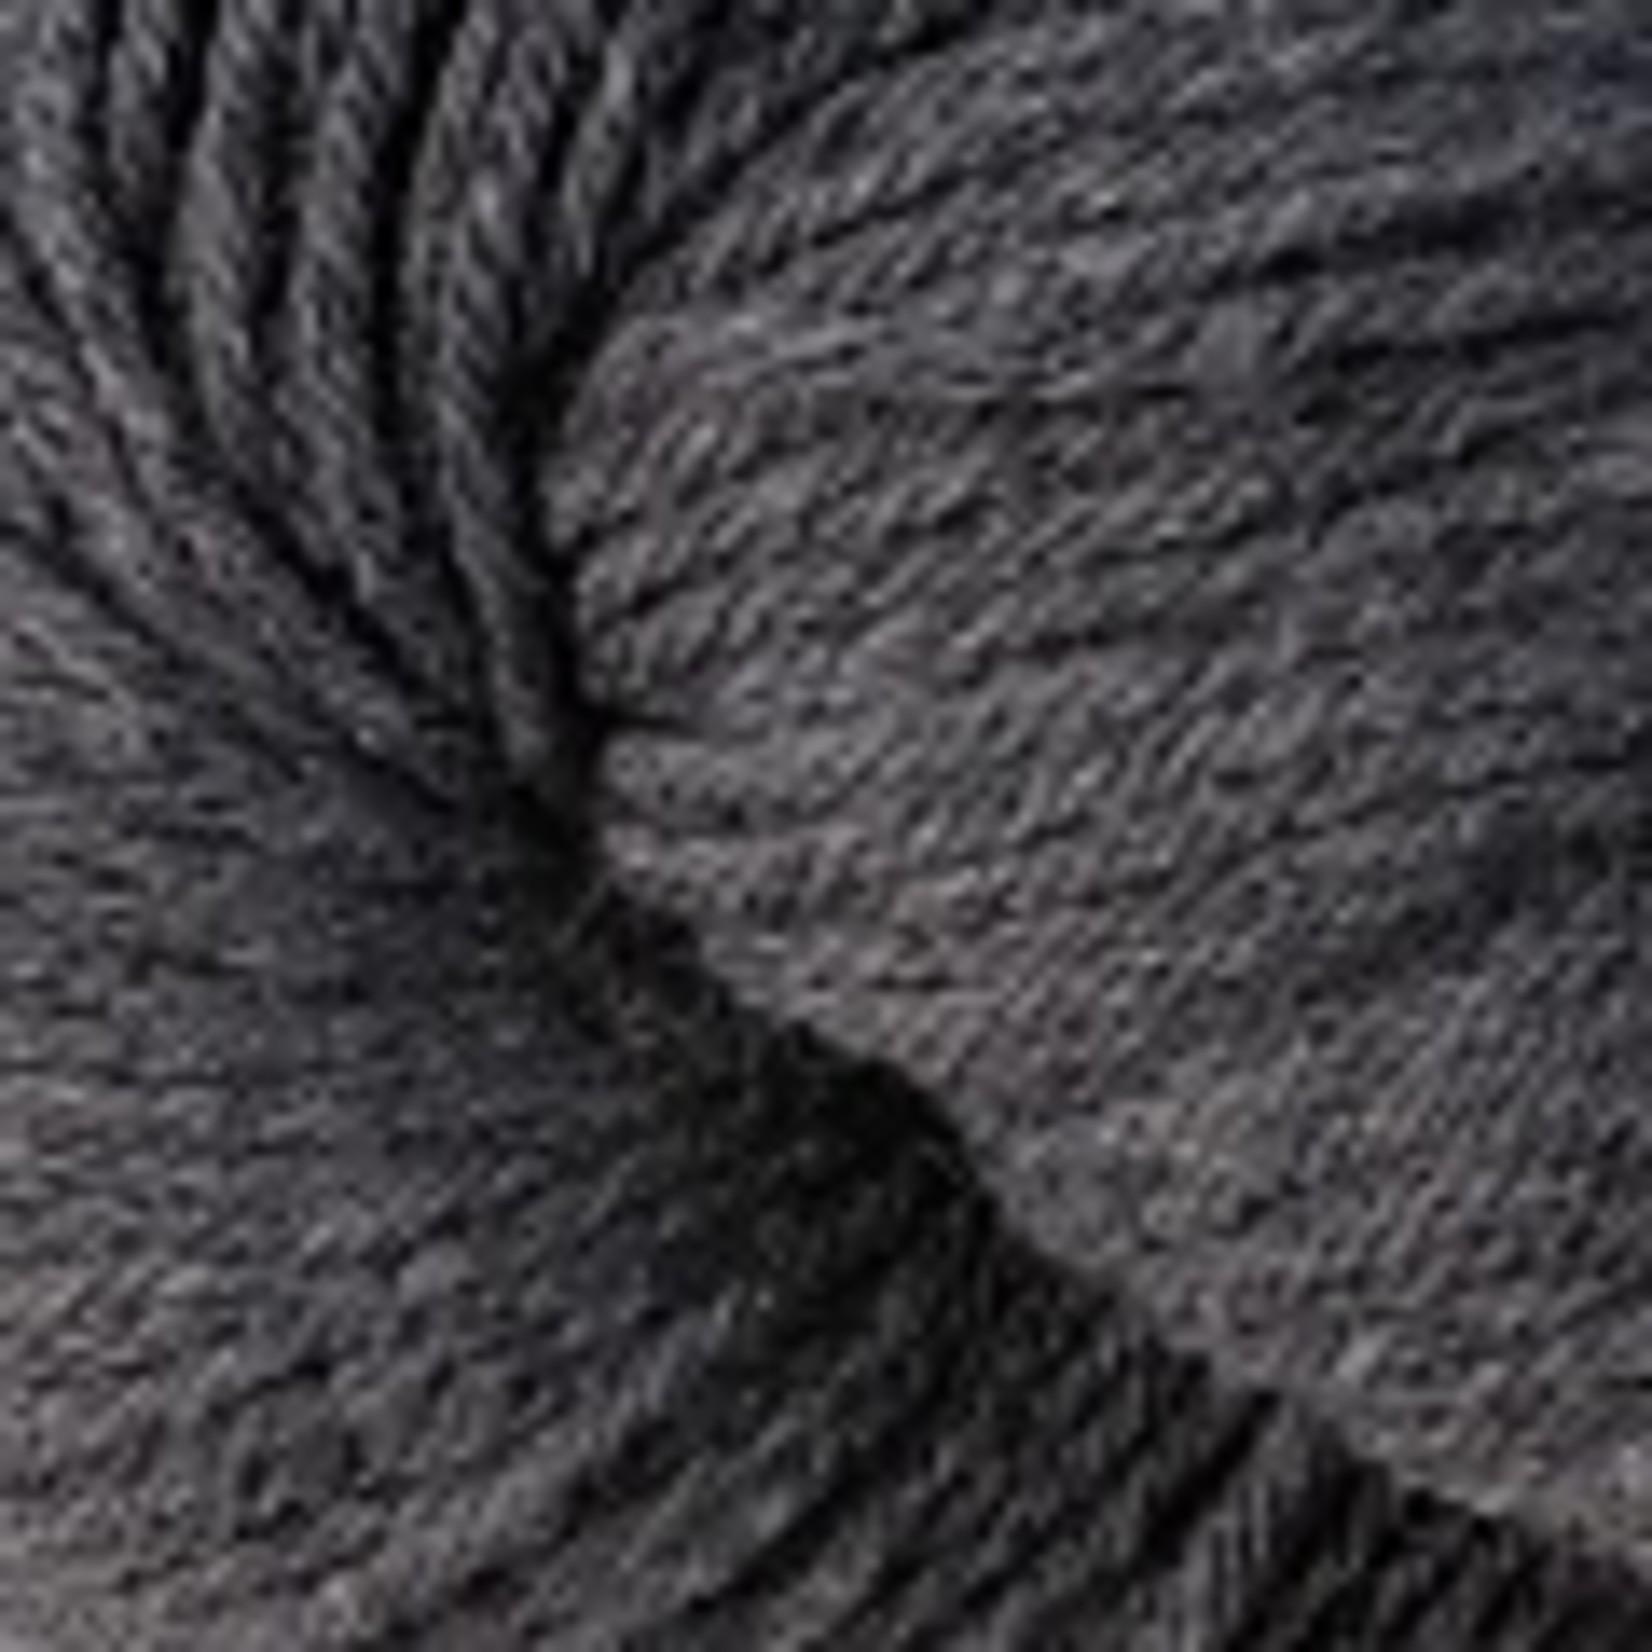 Berroco Vintage Wool, 5107, Cracked Pepper